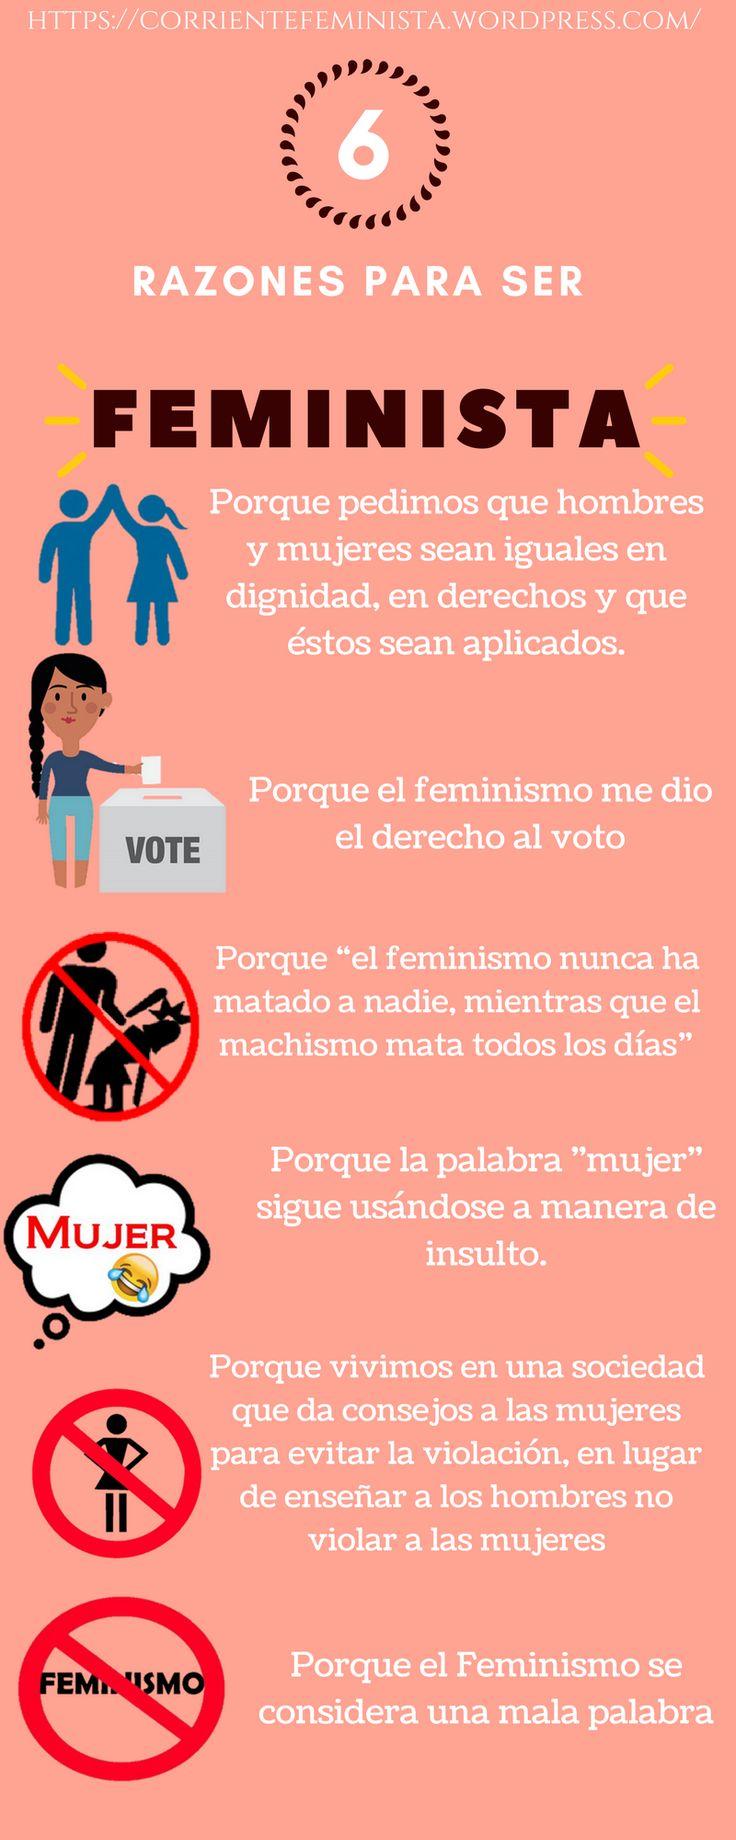 Razones para ser Feministas hay muchas, aquí les dejo 6... #Feminismo.